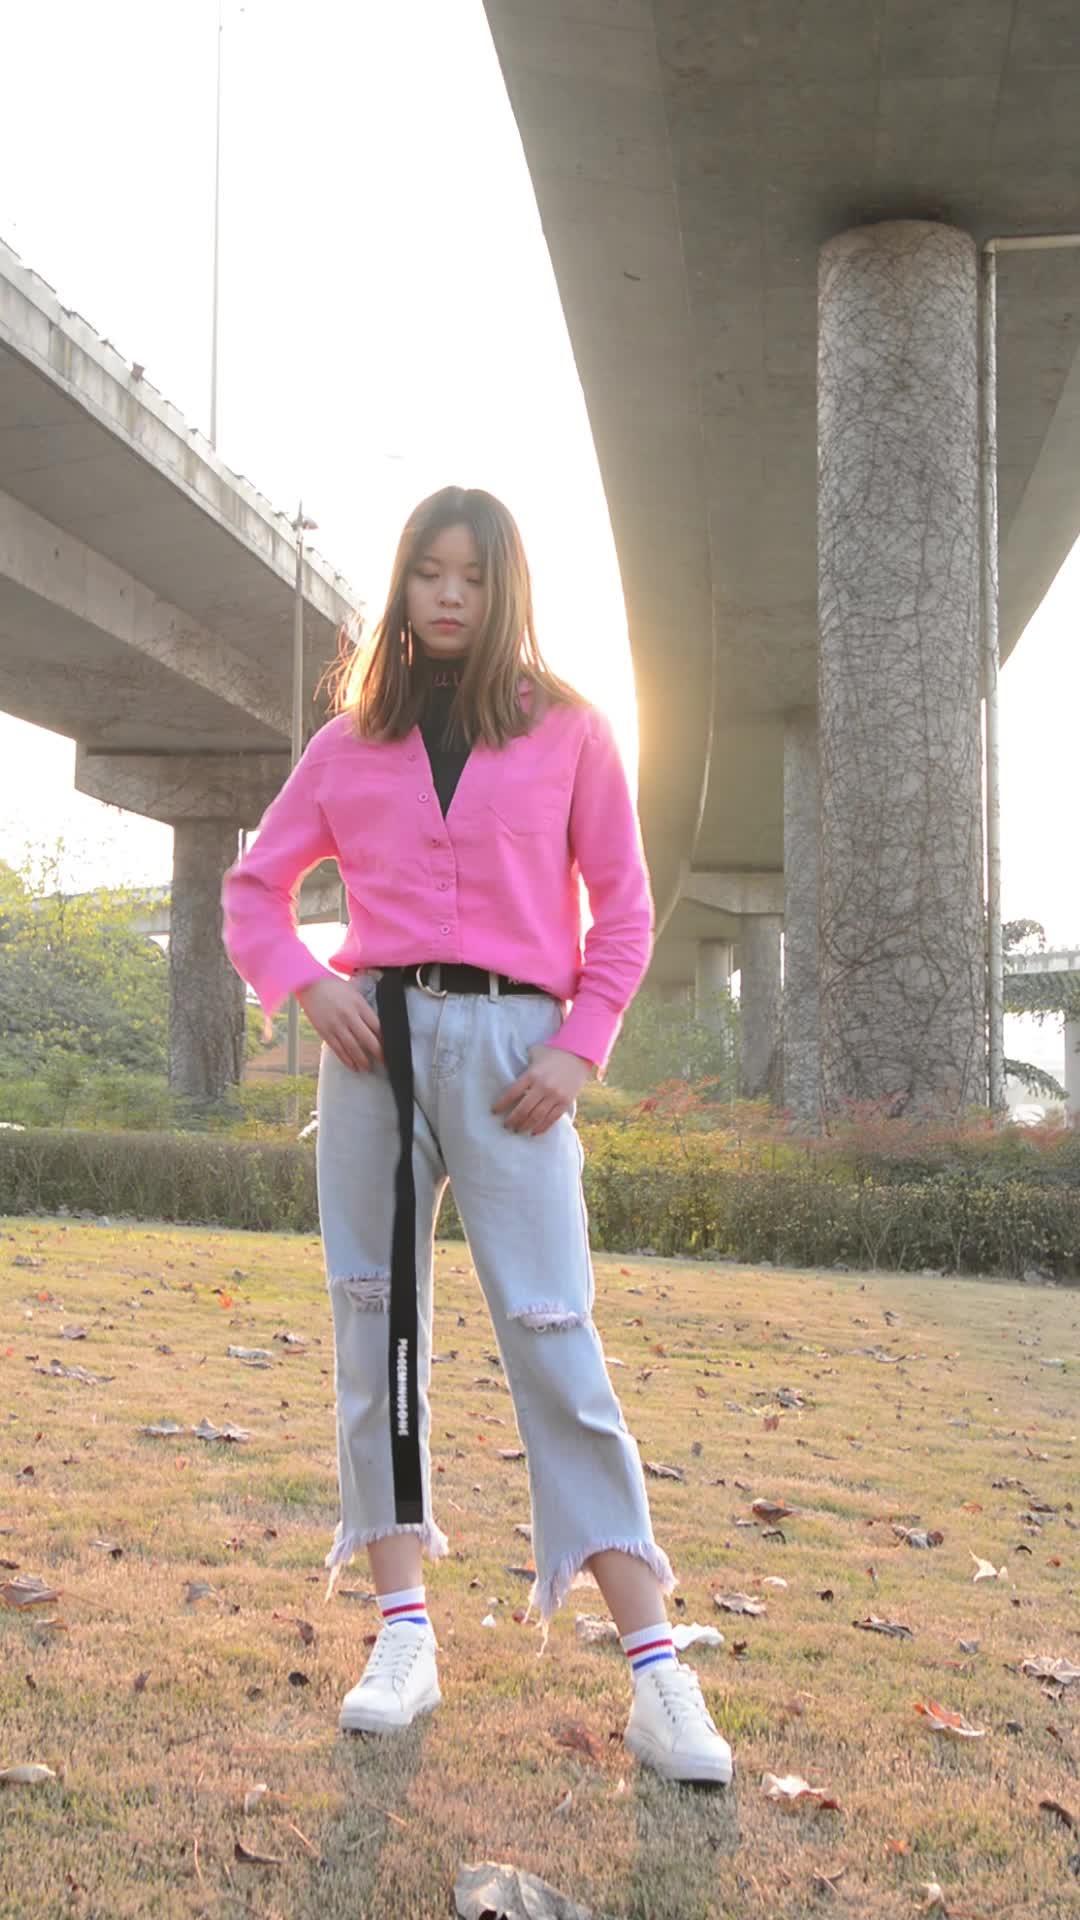 #经典看电影#妹子在天桥下跳印度舞,穿衣风格很前卫